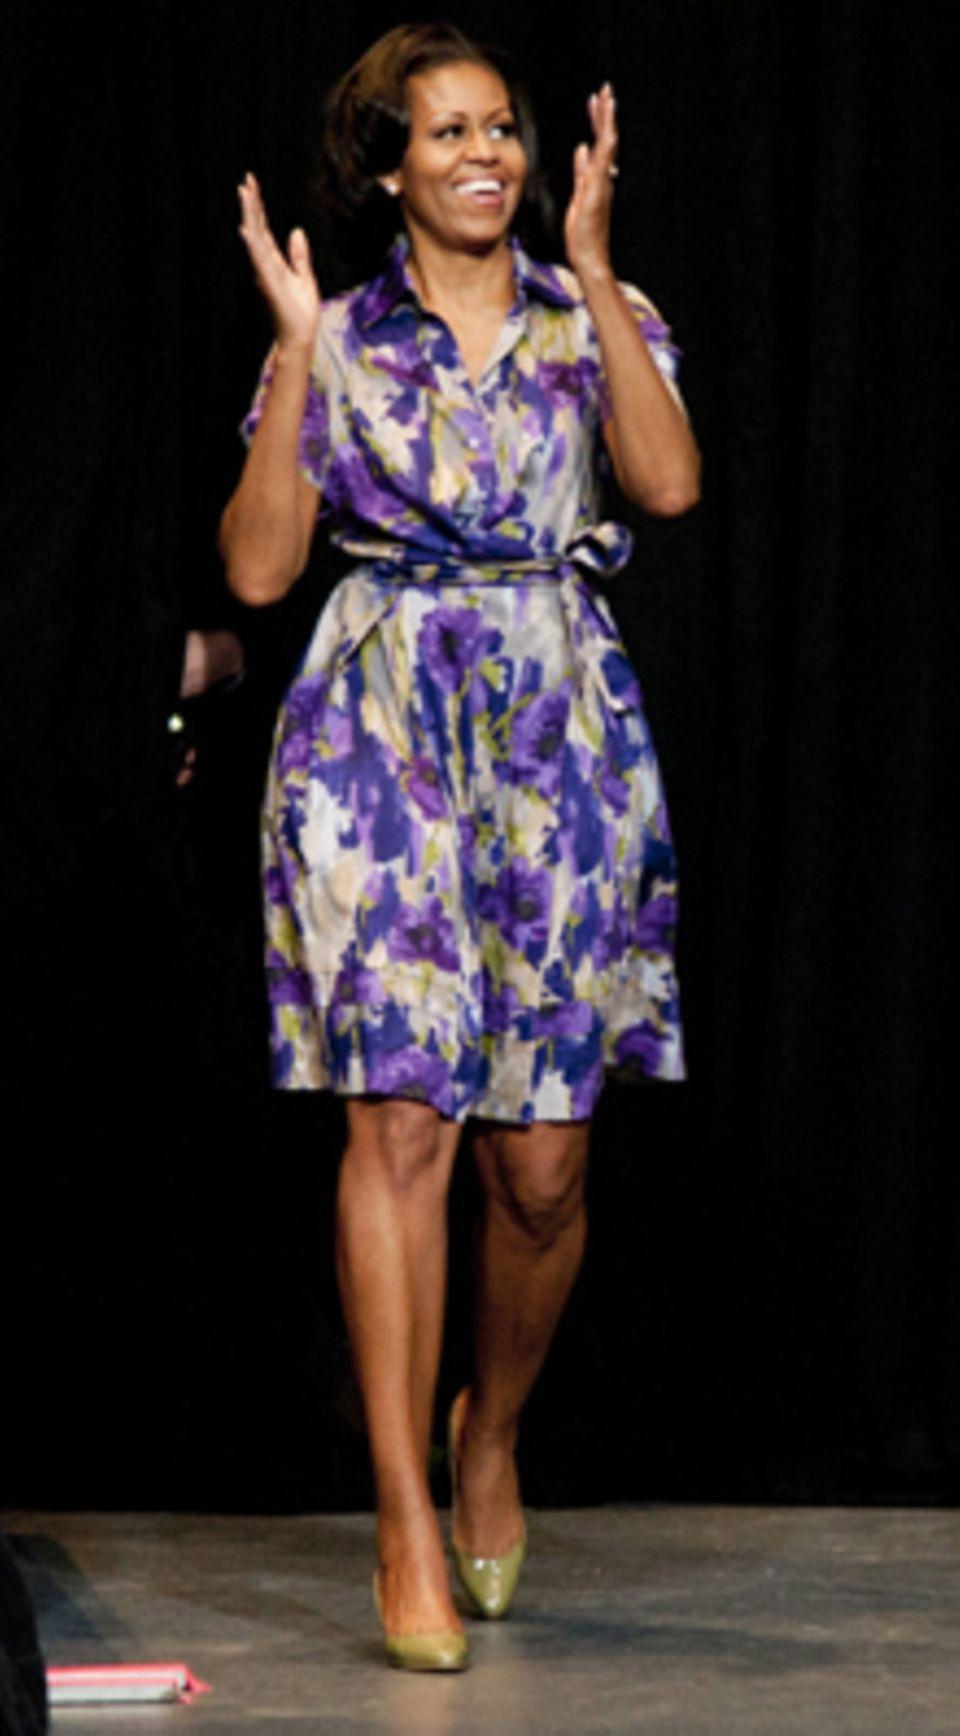 Stil- und selbstbewusst: Michelle Obama.